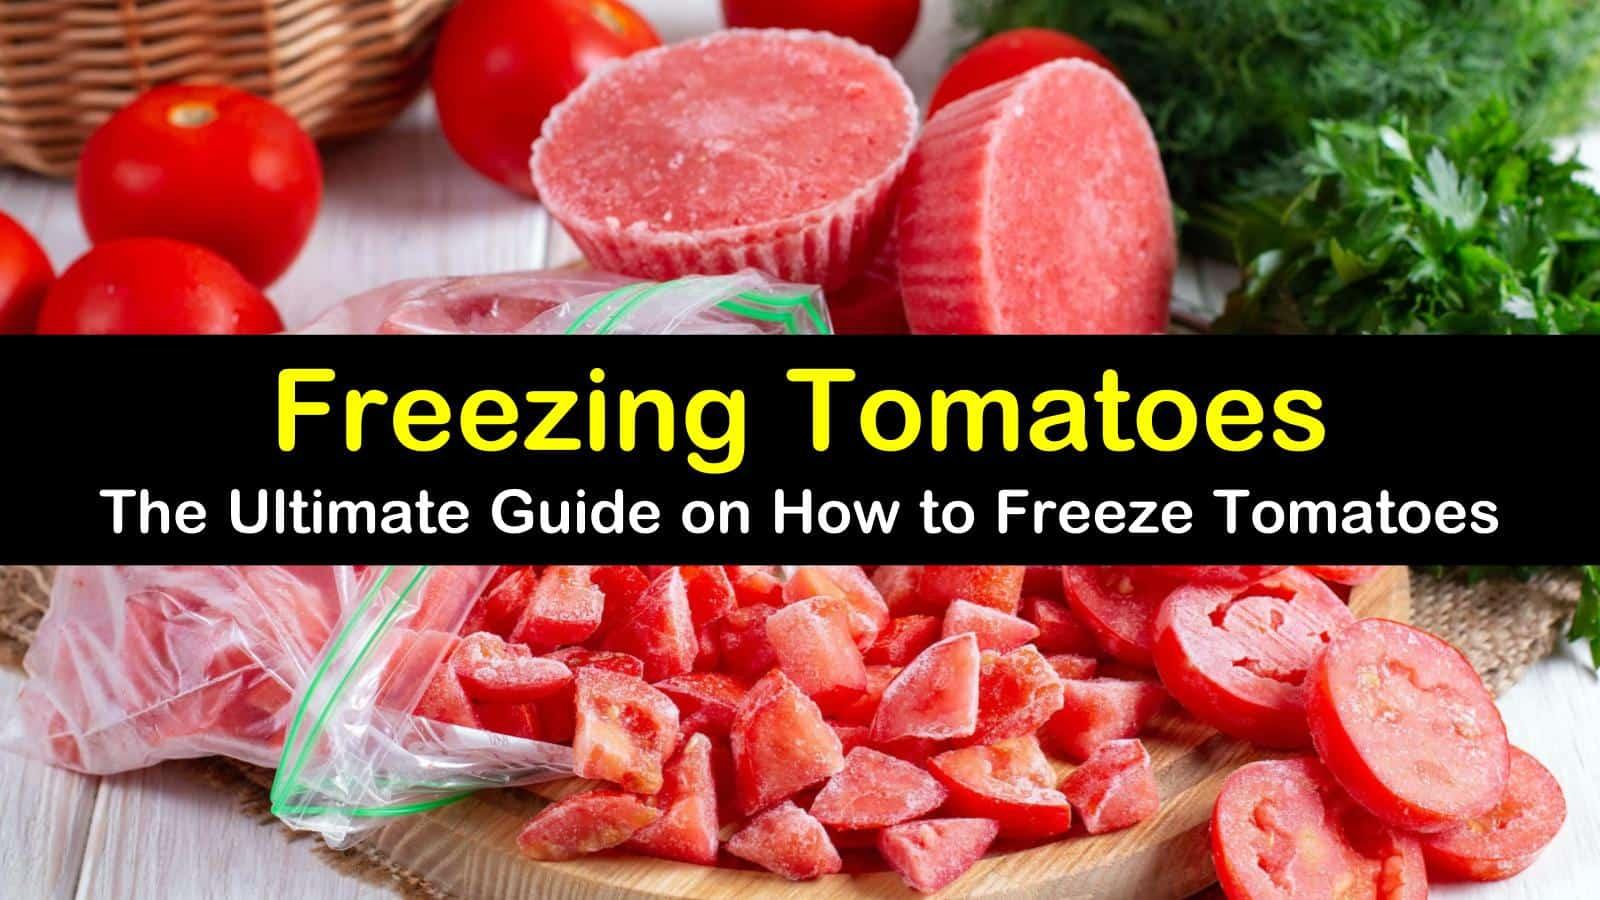 freezing tomatoes titleimg1